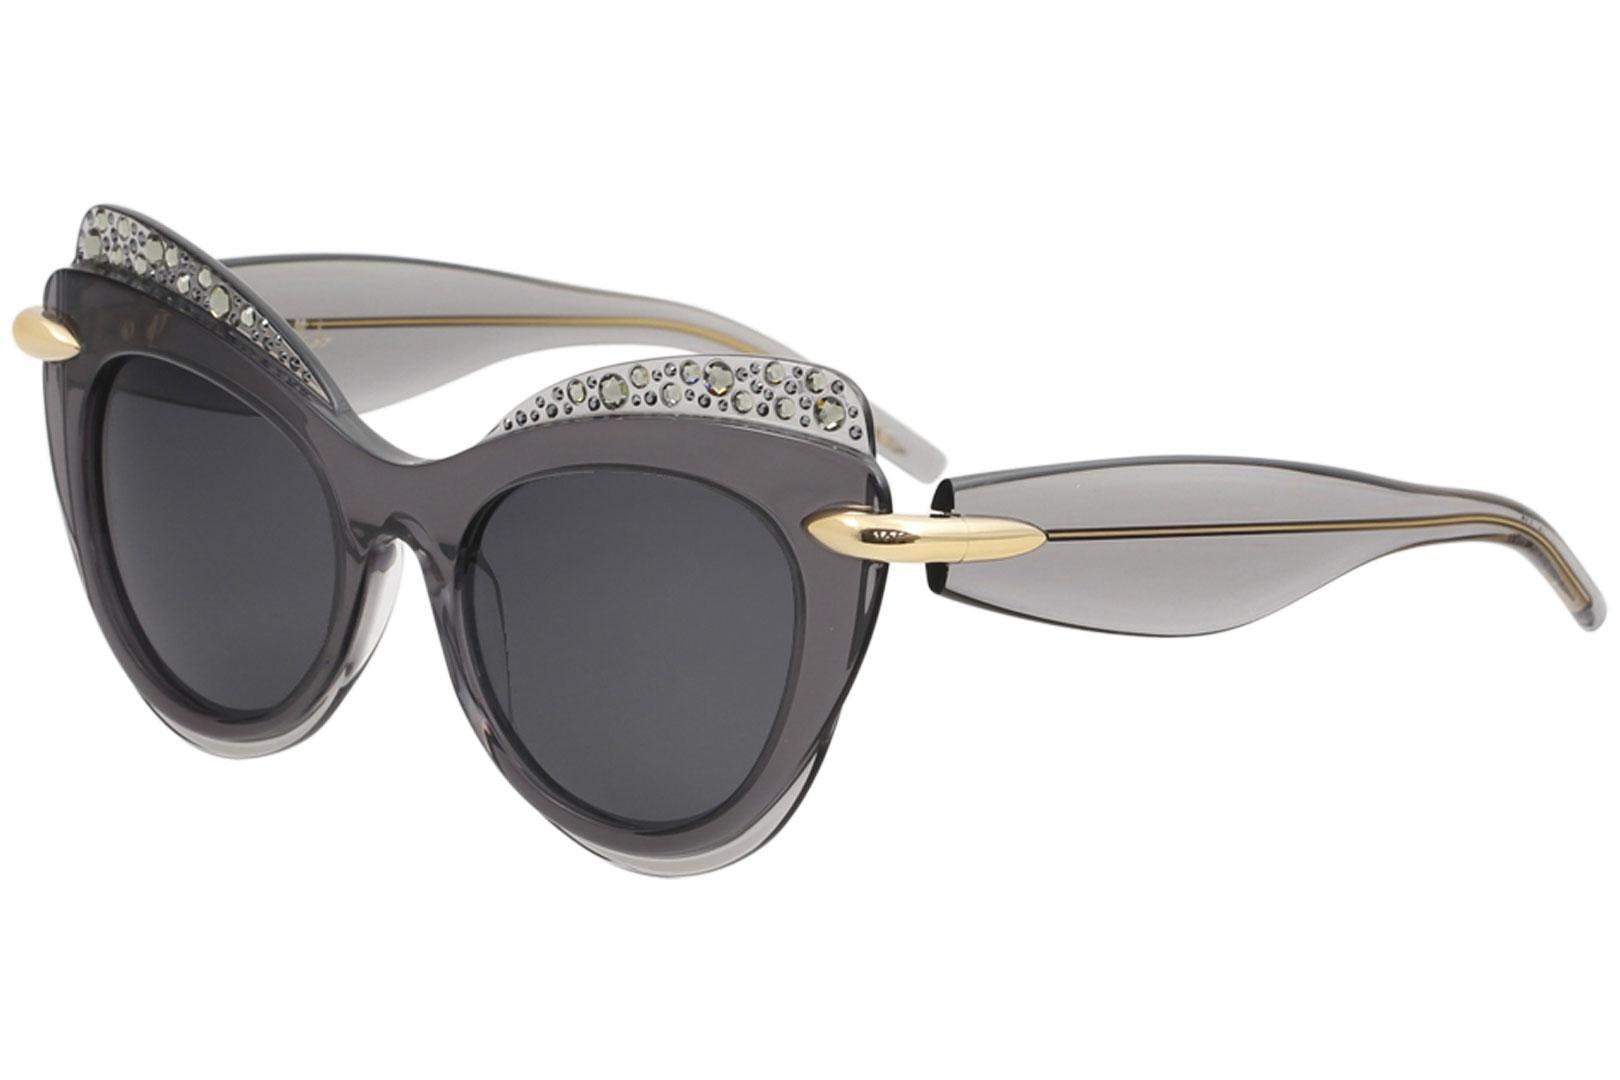 c87a24fcb1e Pomellato Women s PM0002S PM 0002 S Fashion Cat Eye Sunglasses